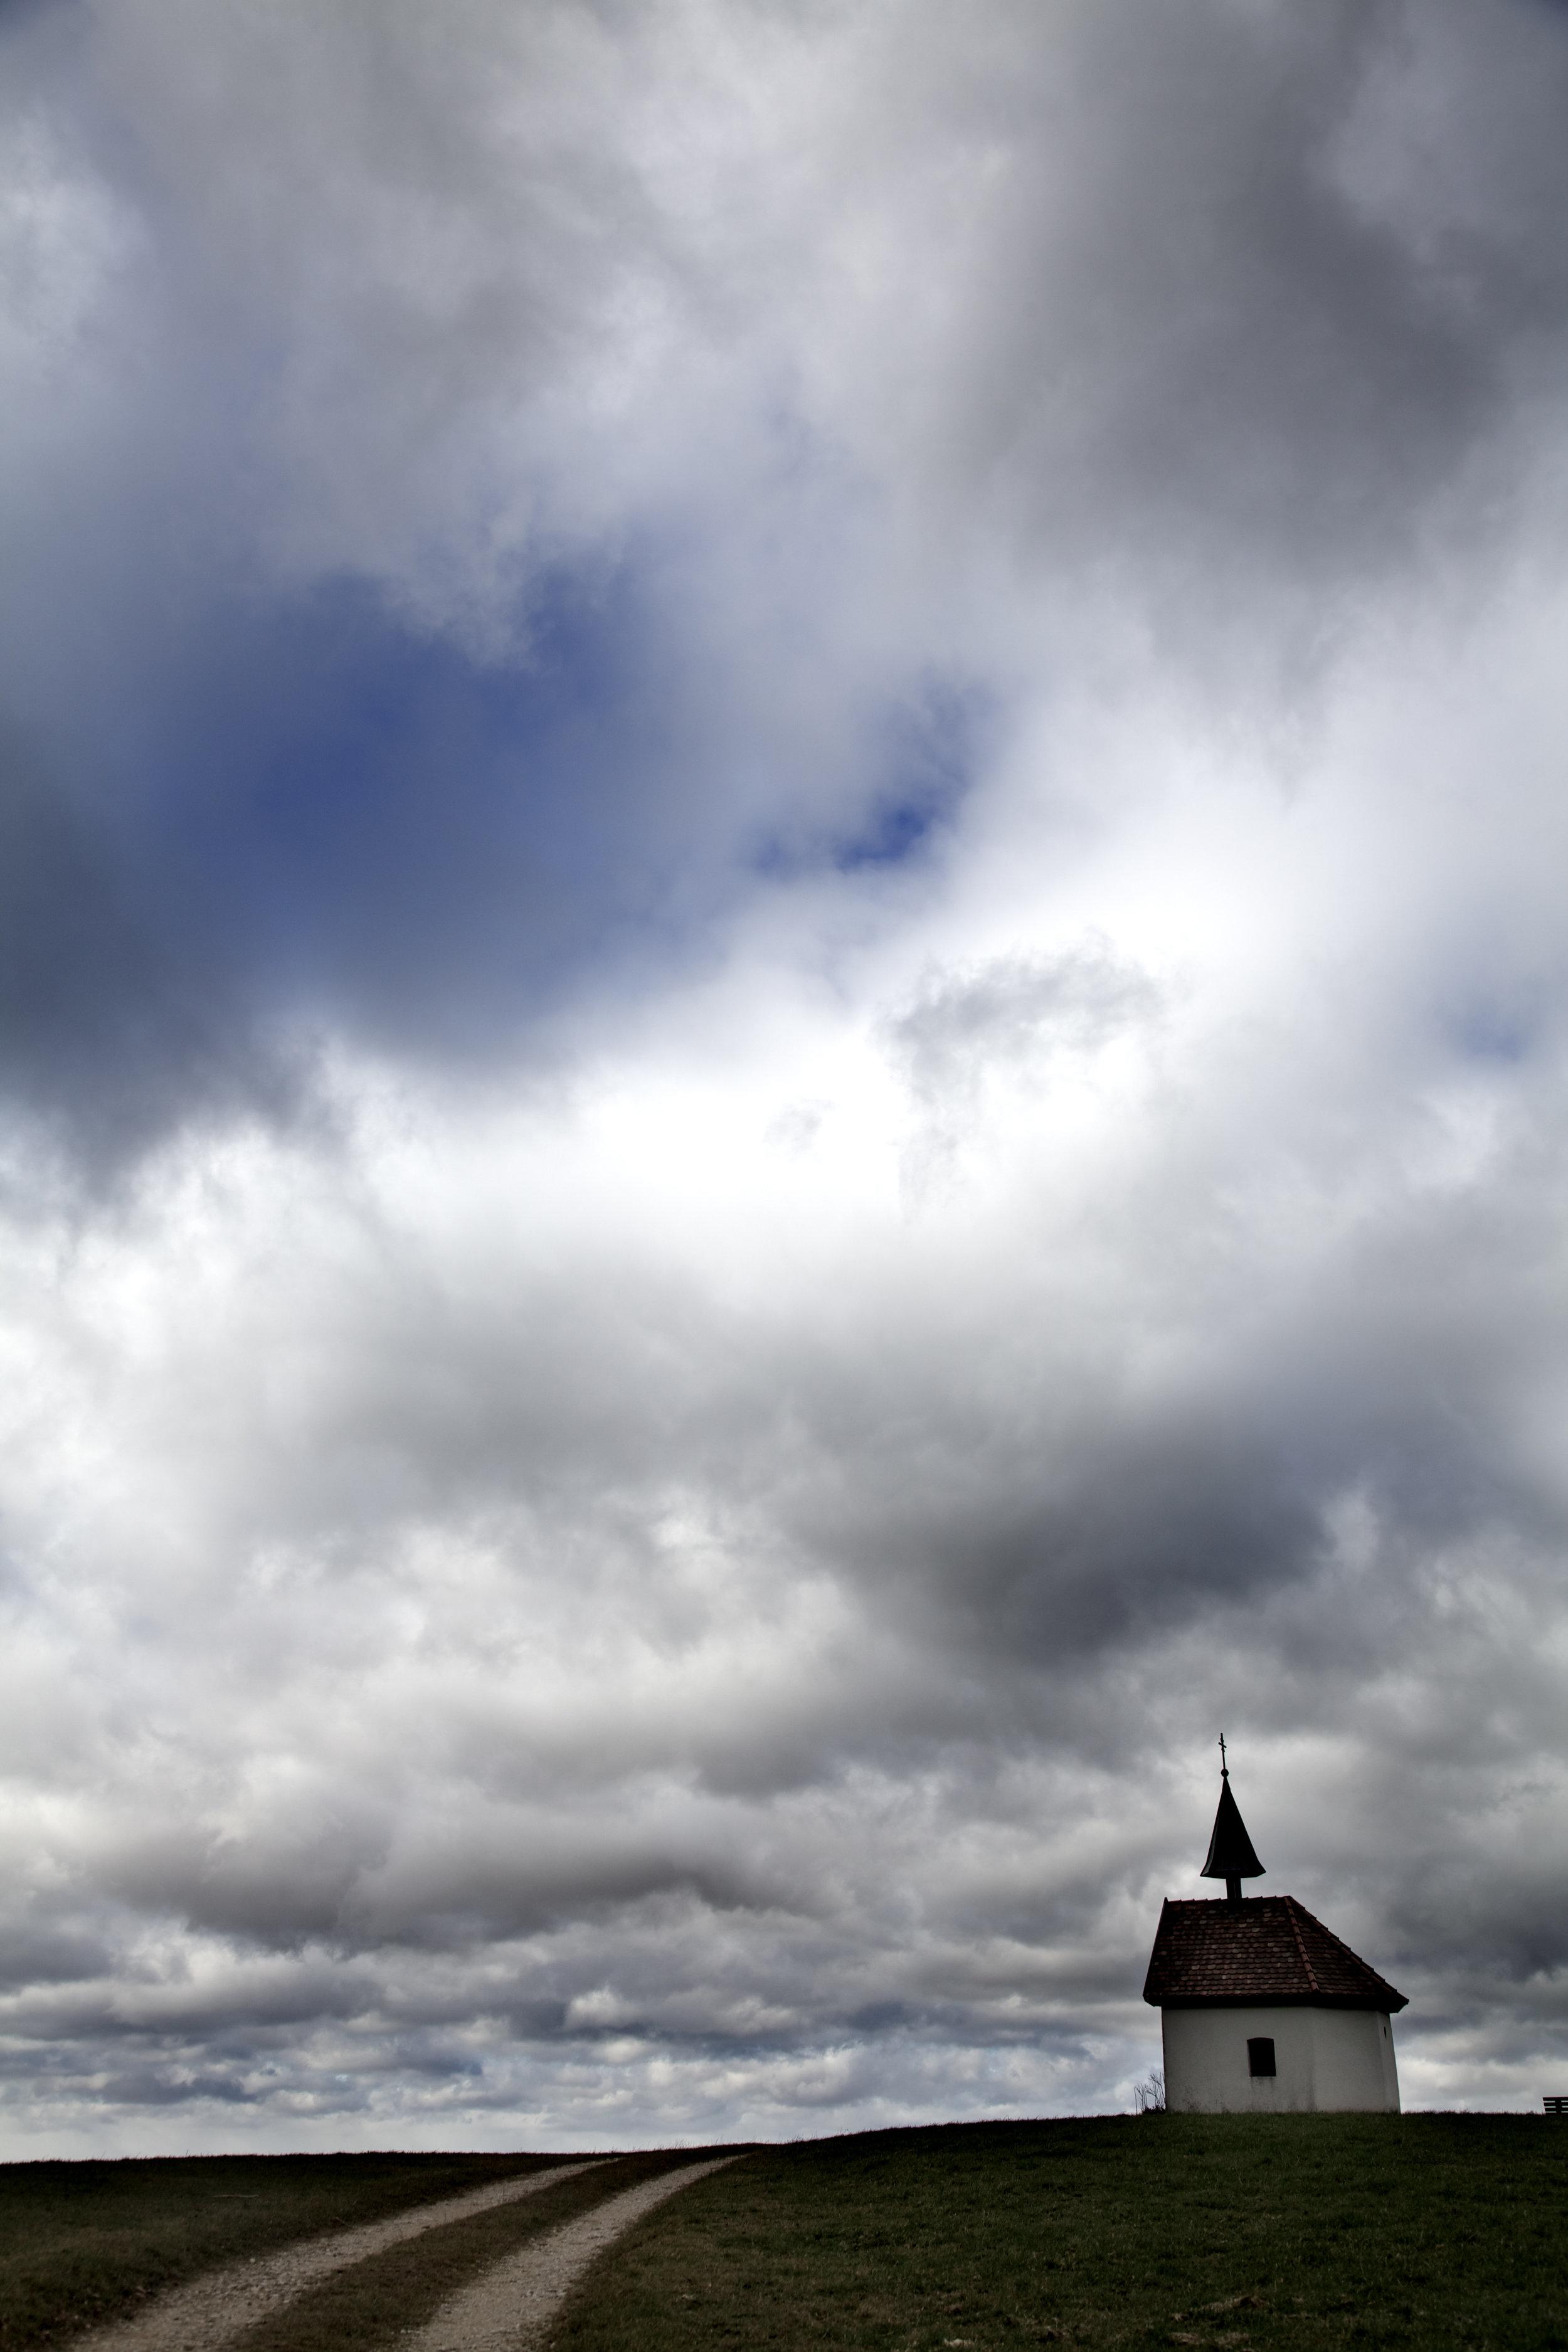 Une petite Chapelle blottie au creux d'une colline - sous le ciel, immense